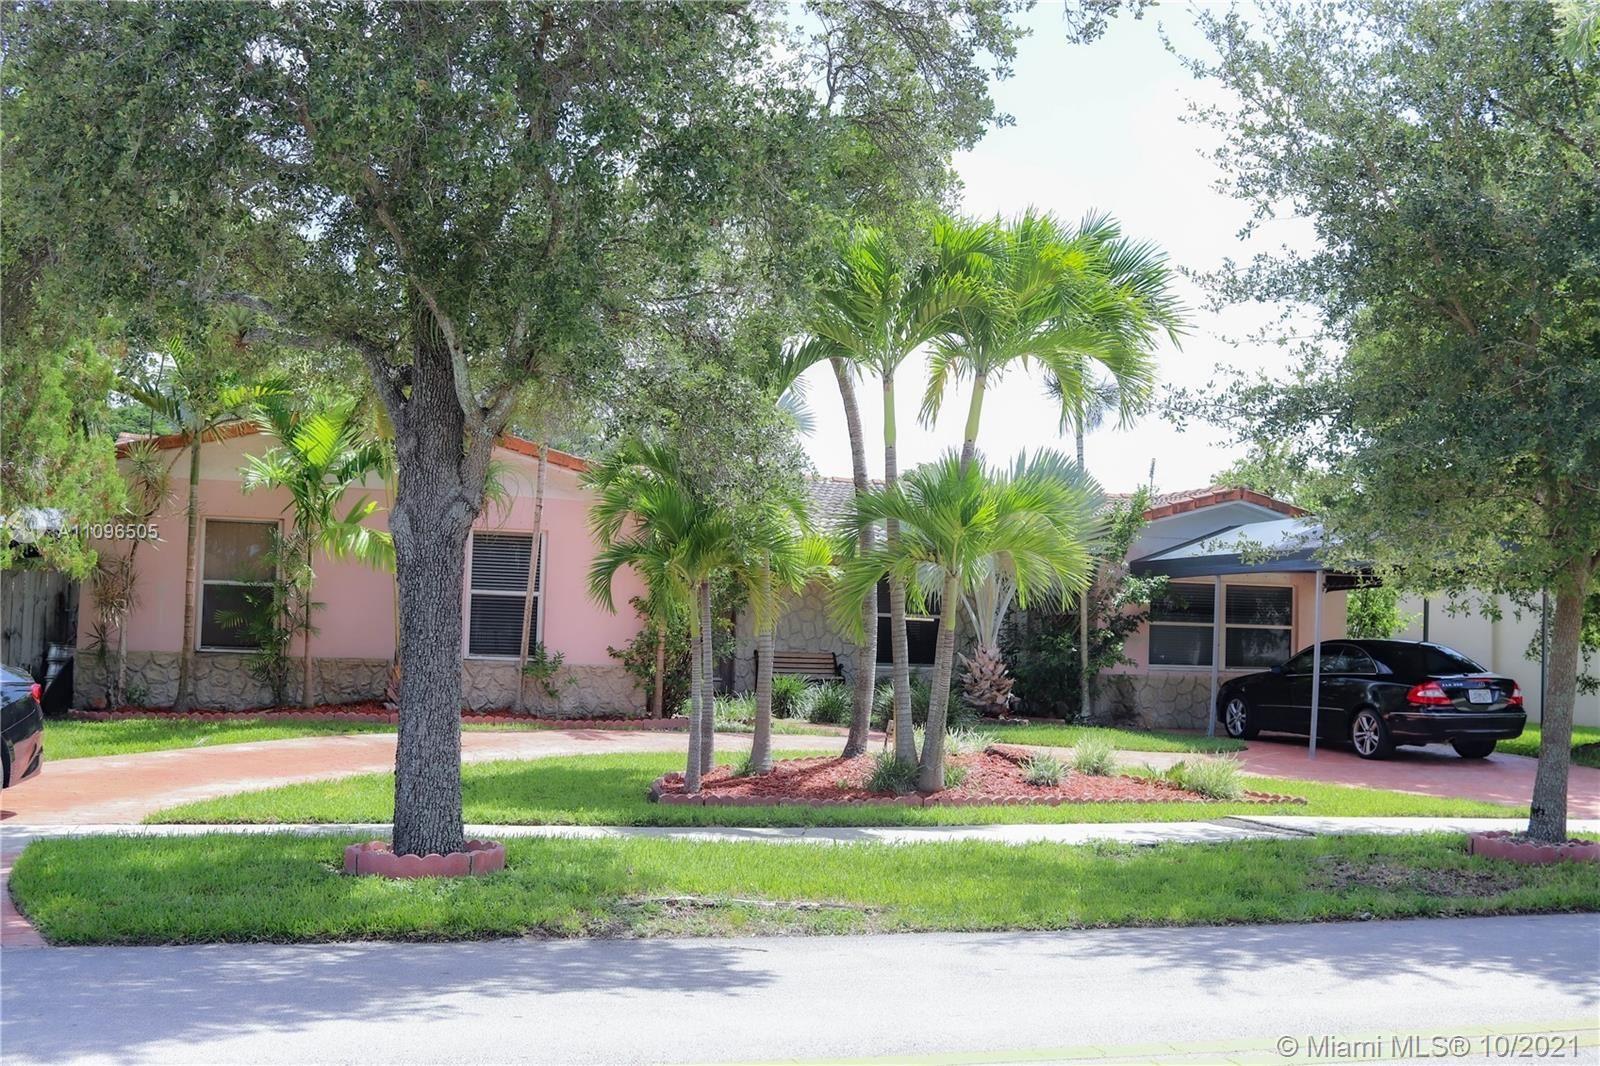 12010 SW 106th St, Miami, FL 33186 - #: A11096505